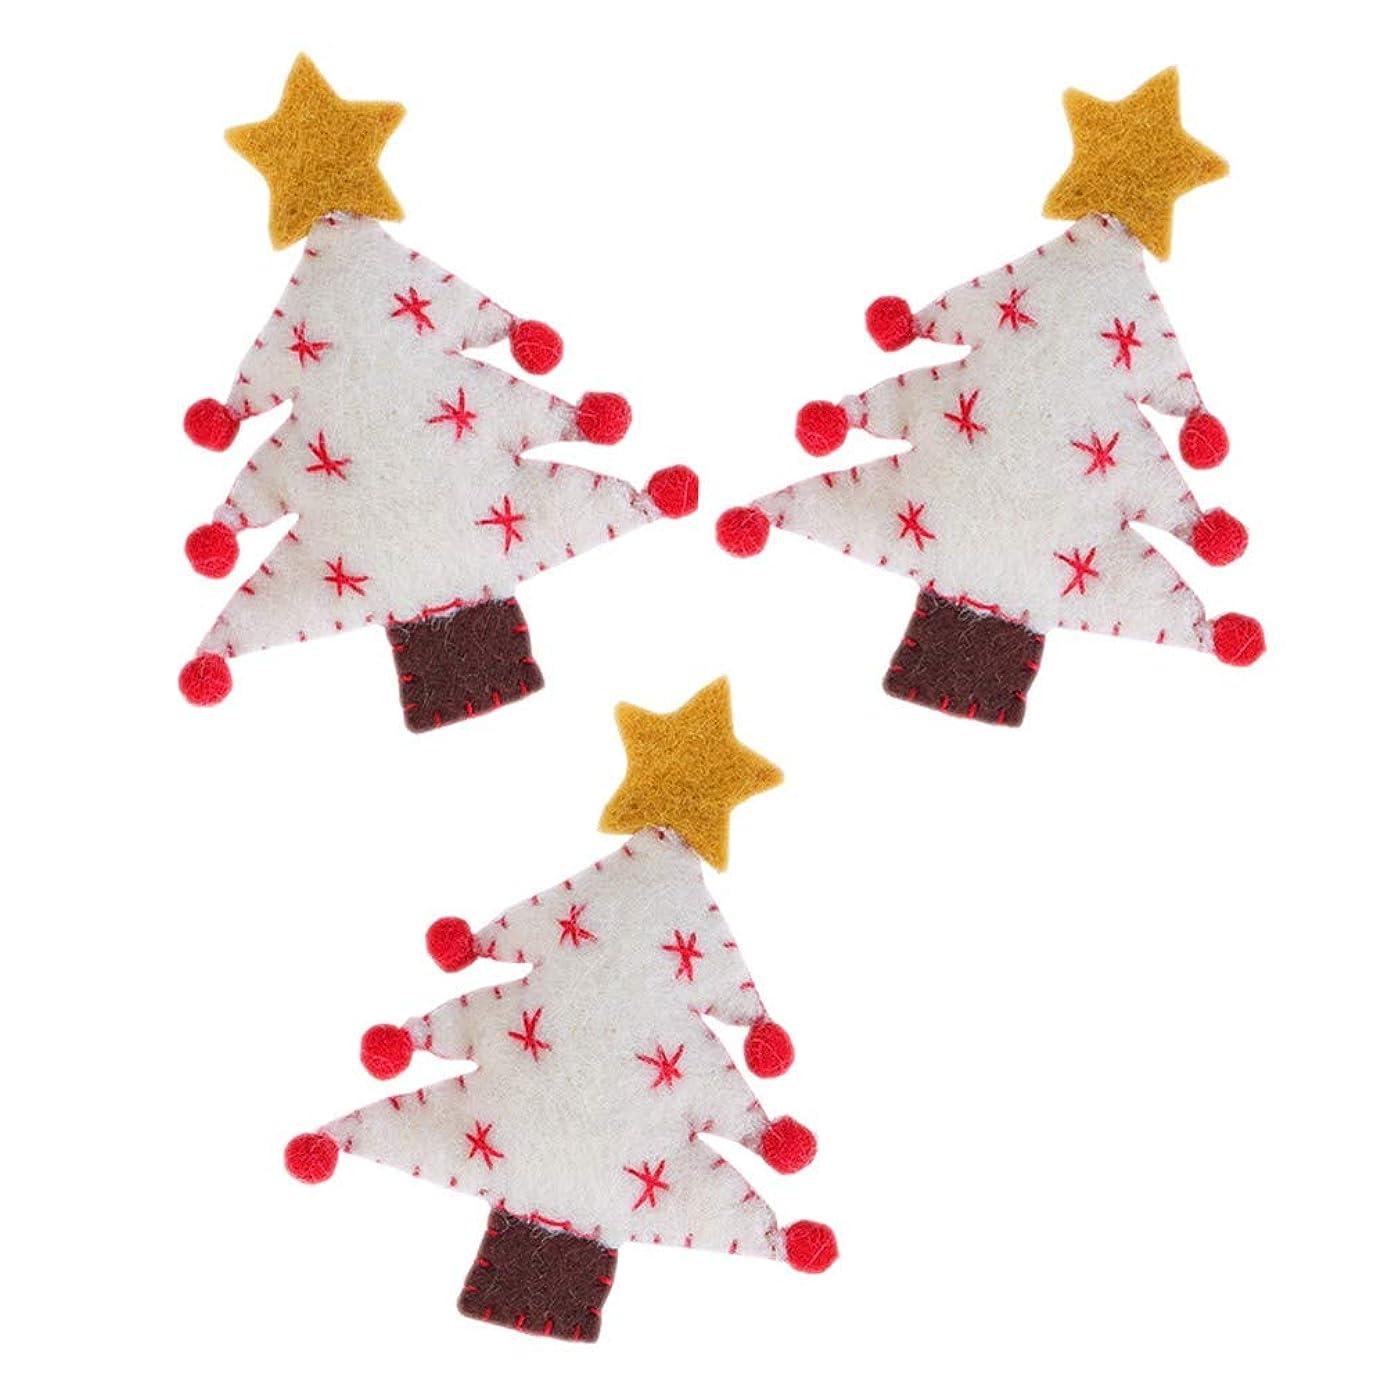 解釈ジョージエリオット獣Urmagicクリスマスツリー 手作り ぬいぐるみ 不織布 クリスマス飾り 3個セット バレンタインデー クリスマス チャーム 手作りアクセサリー